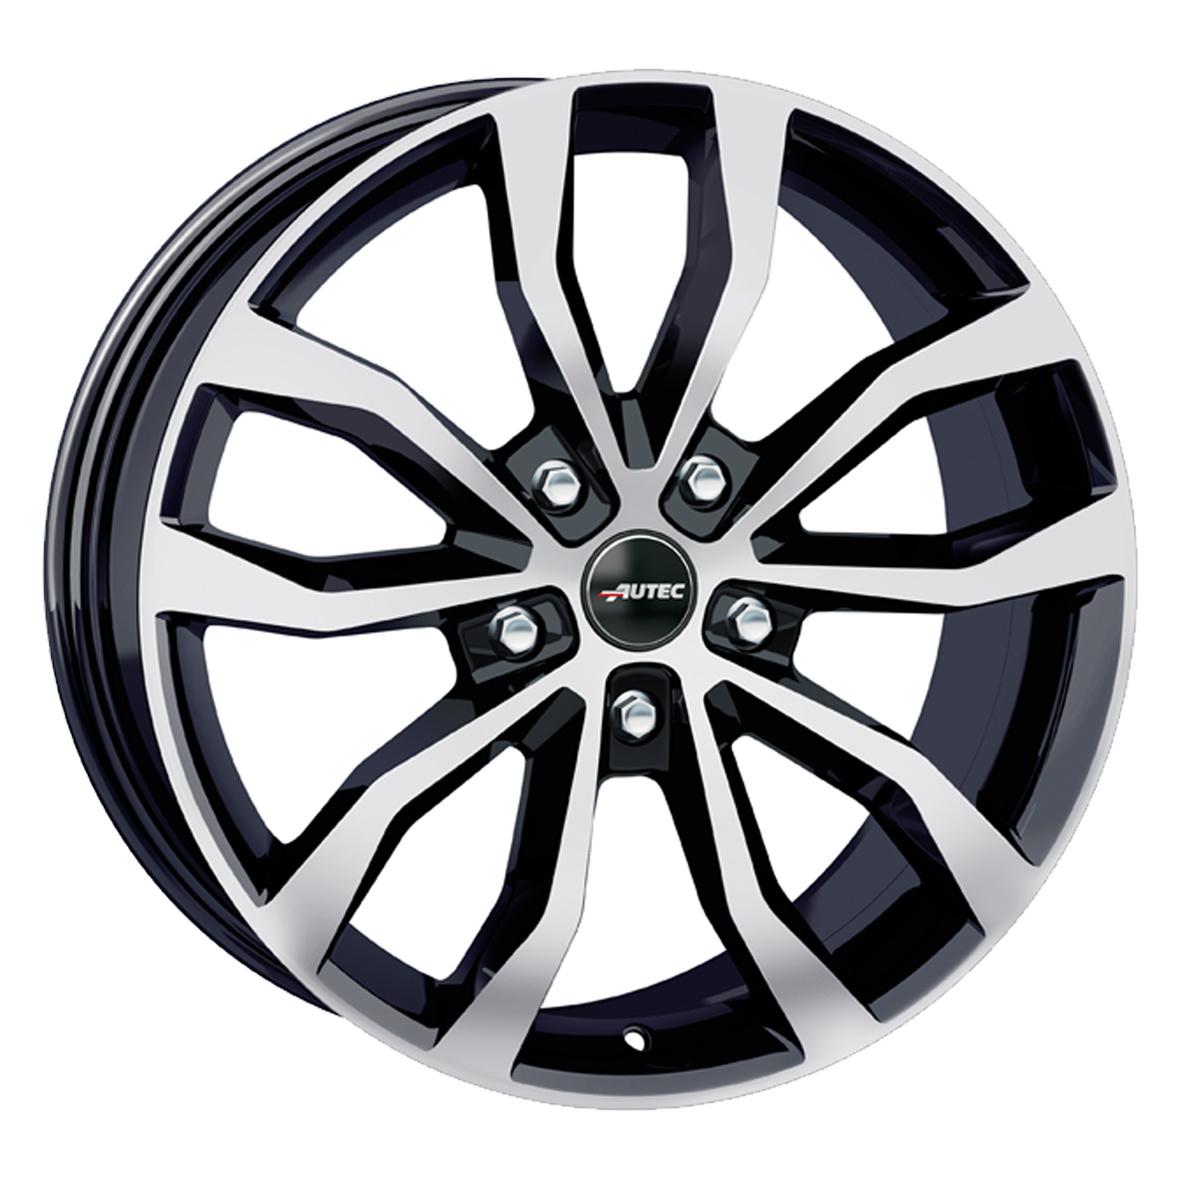 """Autec Wheels Autec  """"UTECA"""" 7,5 x 17 - 9,5 x  22 Audi , Chevrolet , Citroen , Dacia , Honda , Hyundai , Kia , Mazda , MB , Mini"""